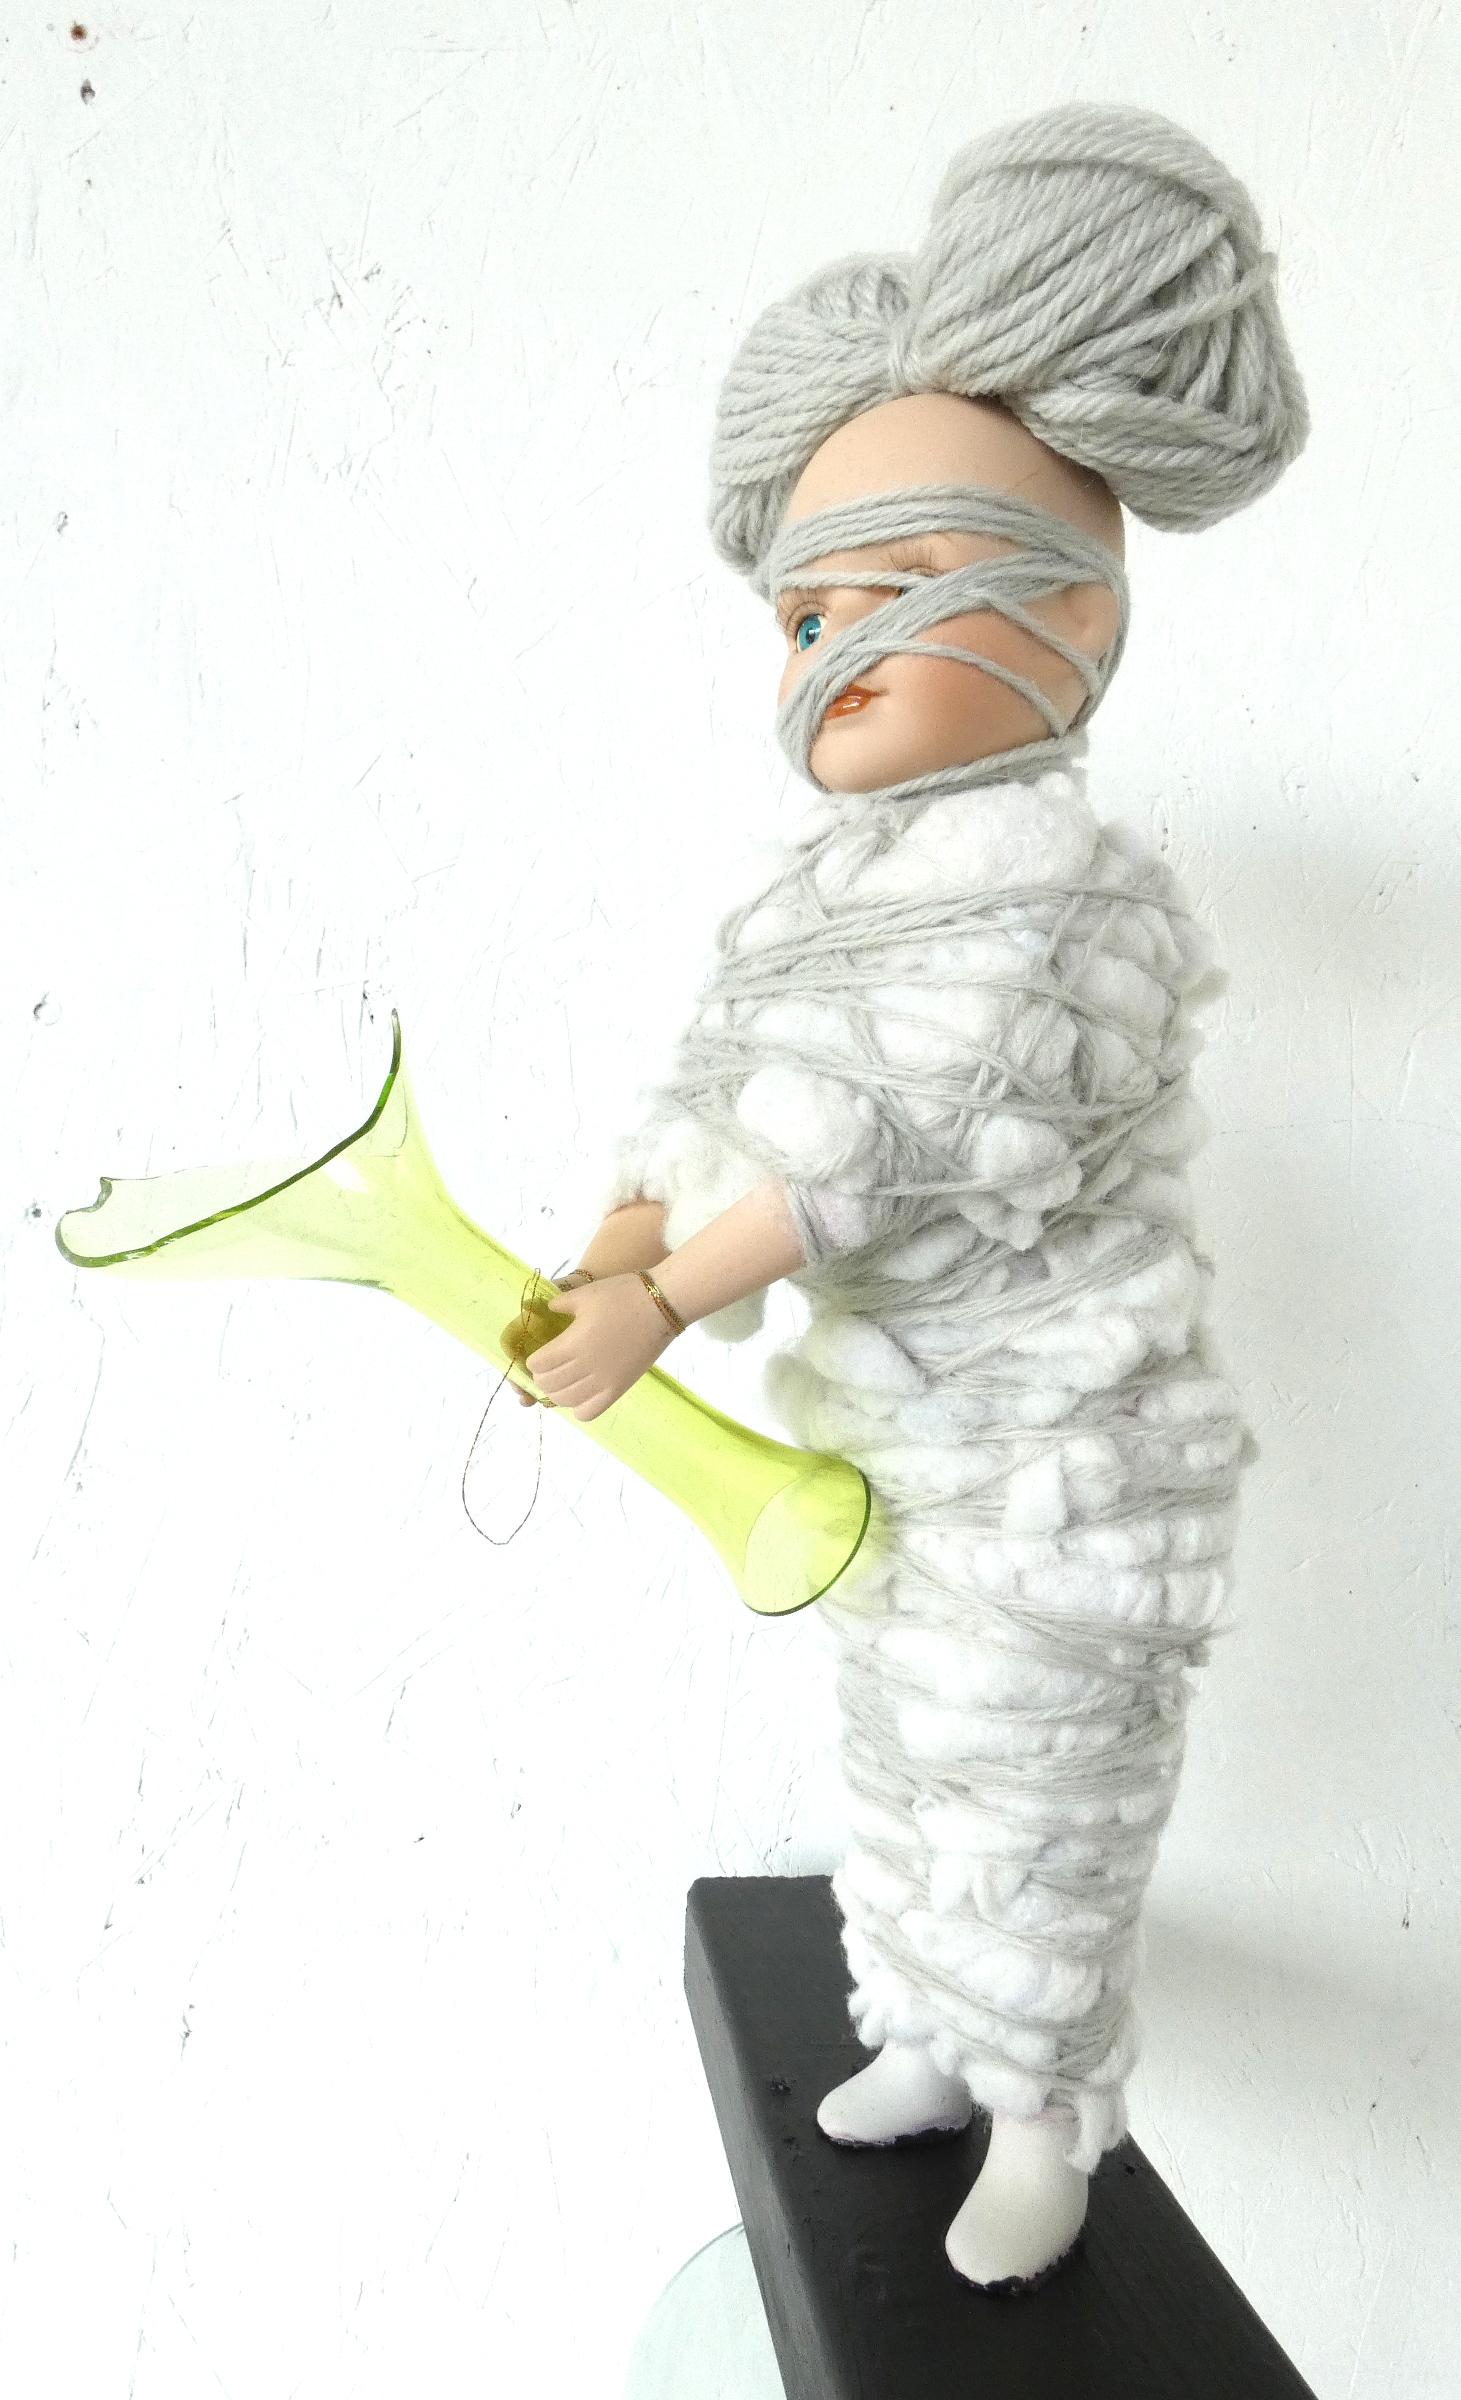 Wolf -in-schaapskleren-kunstbeeld, ruimtelijk werk, textielkunst, textiel art, artwork, dutchartist, kunstenaar Wietske Lycklama à Nijeholt